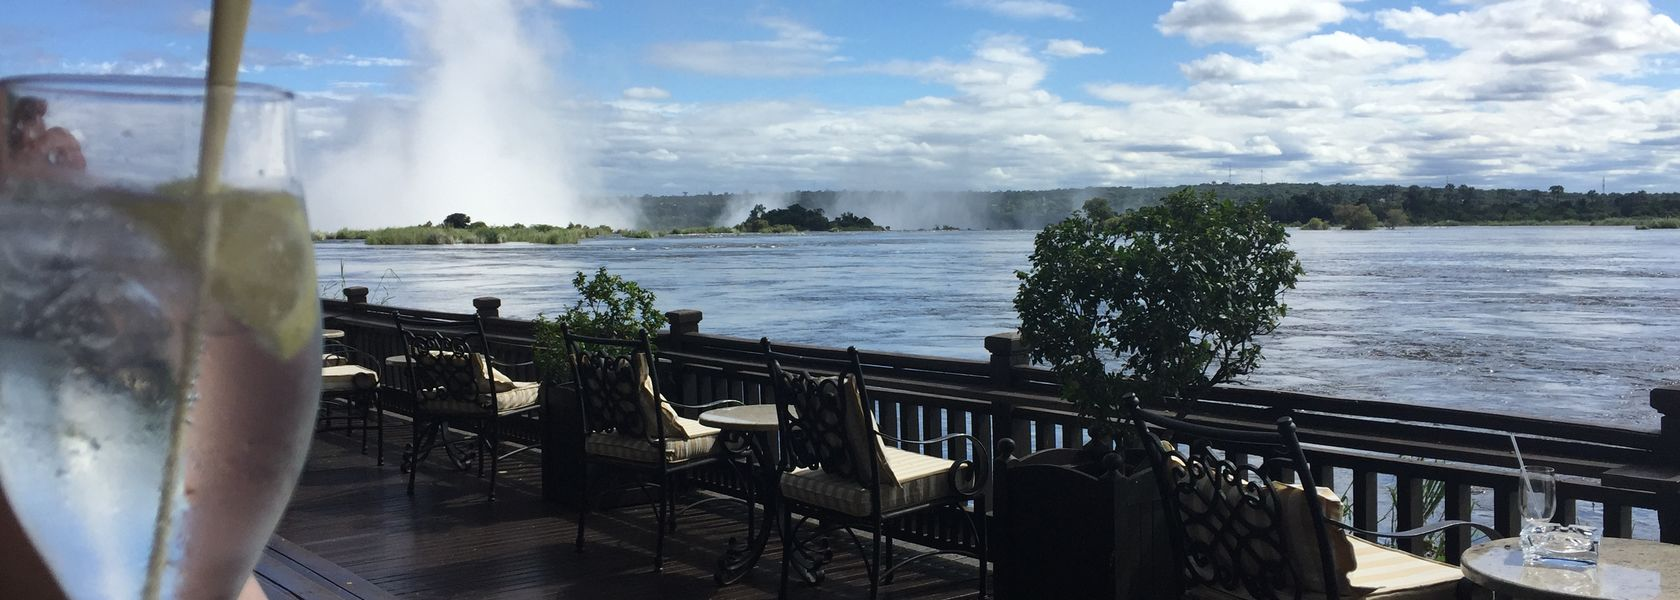 Victoria watervallen beste reistijd - Victoria Falls beste reistijd